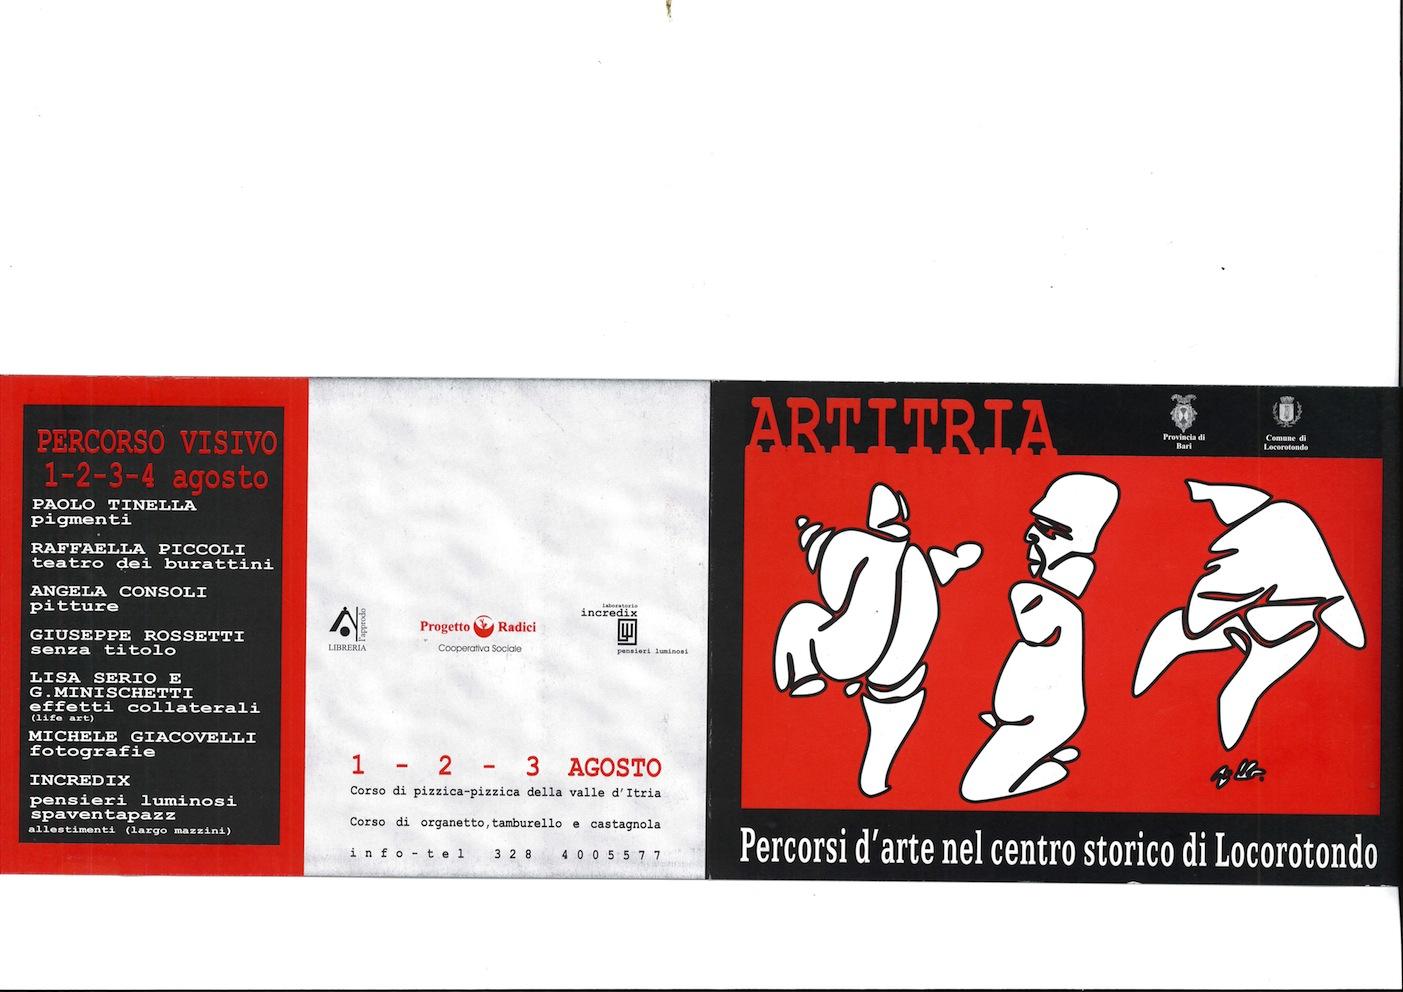 200308_Artitria_00